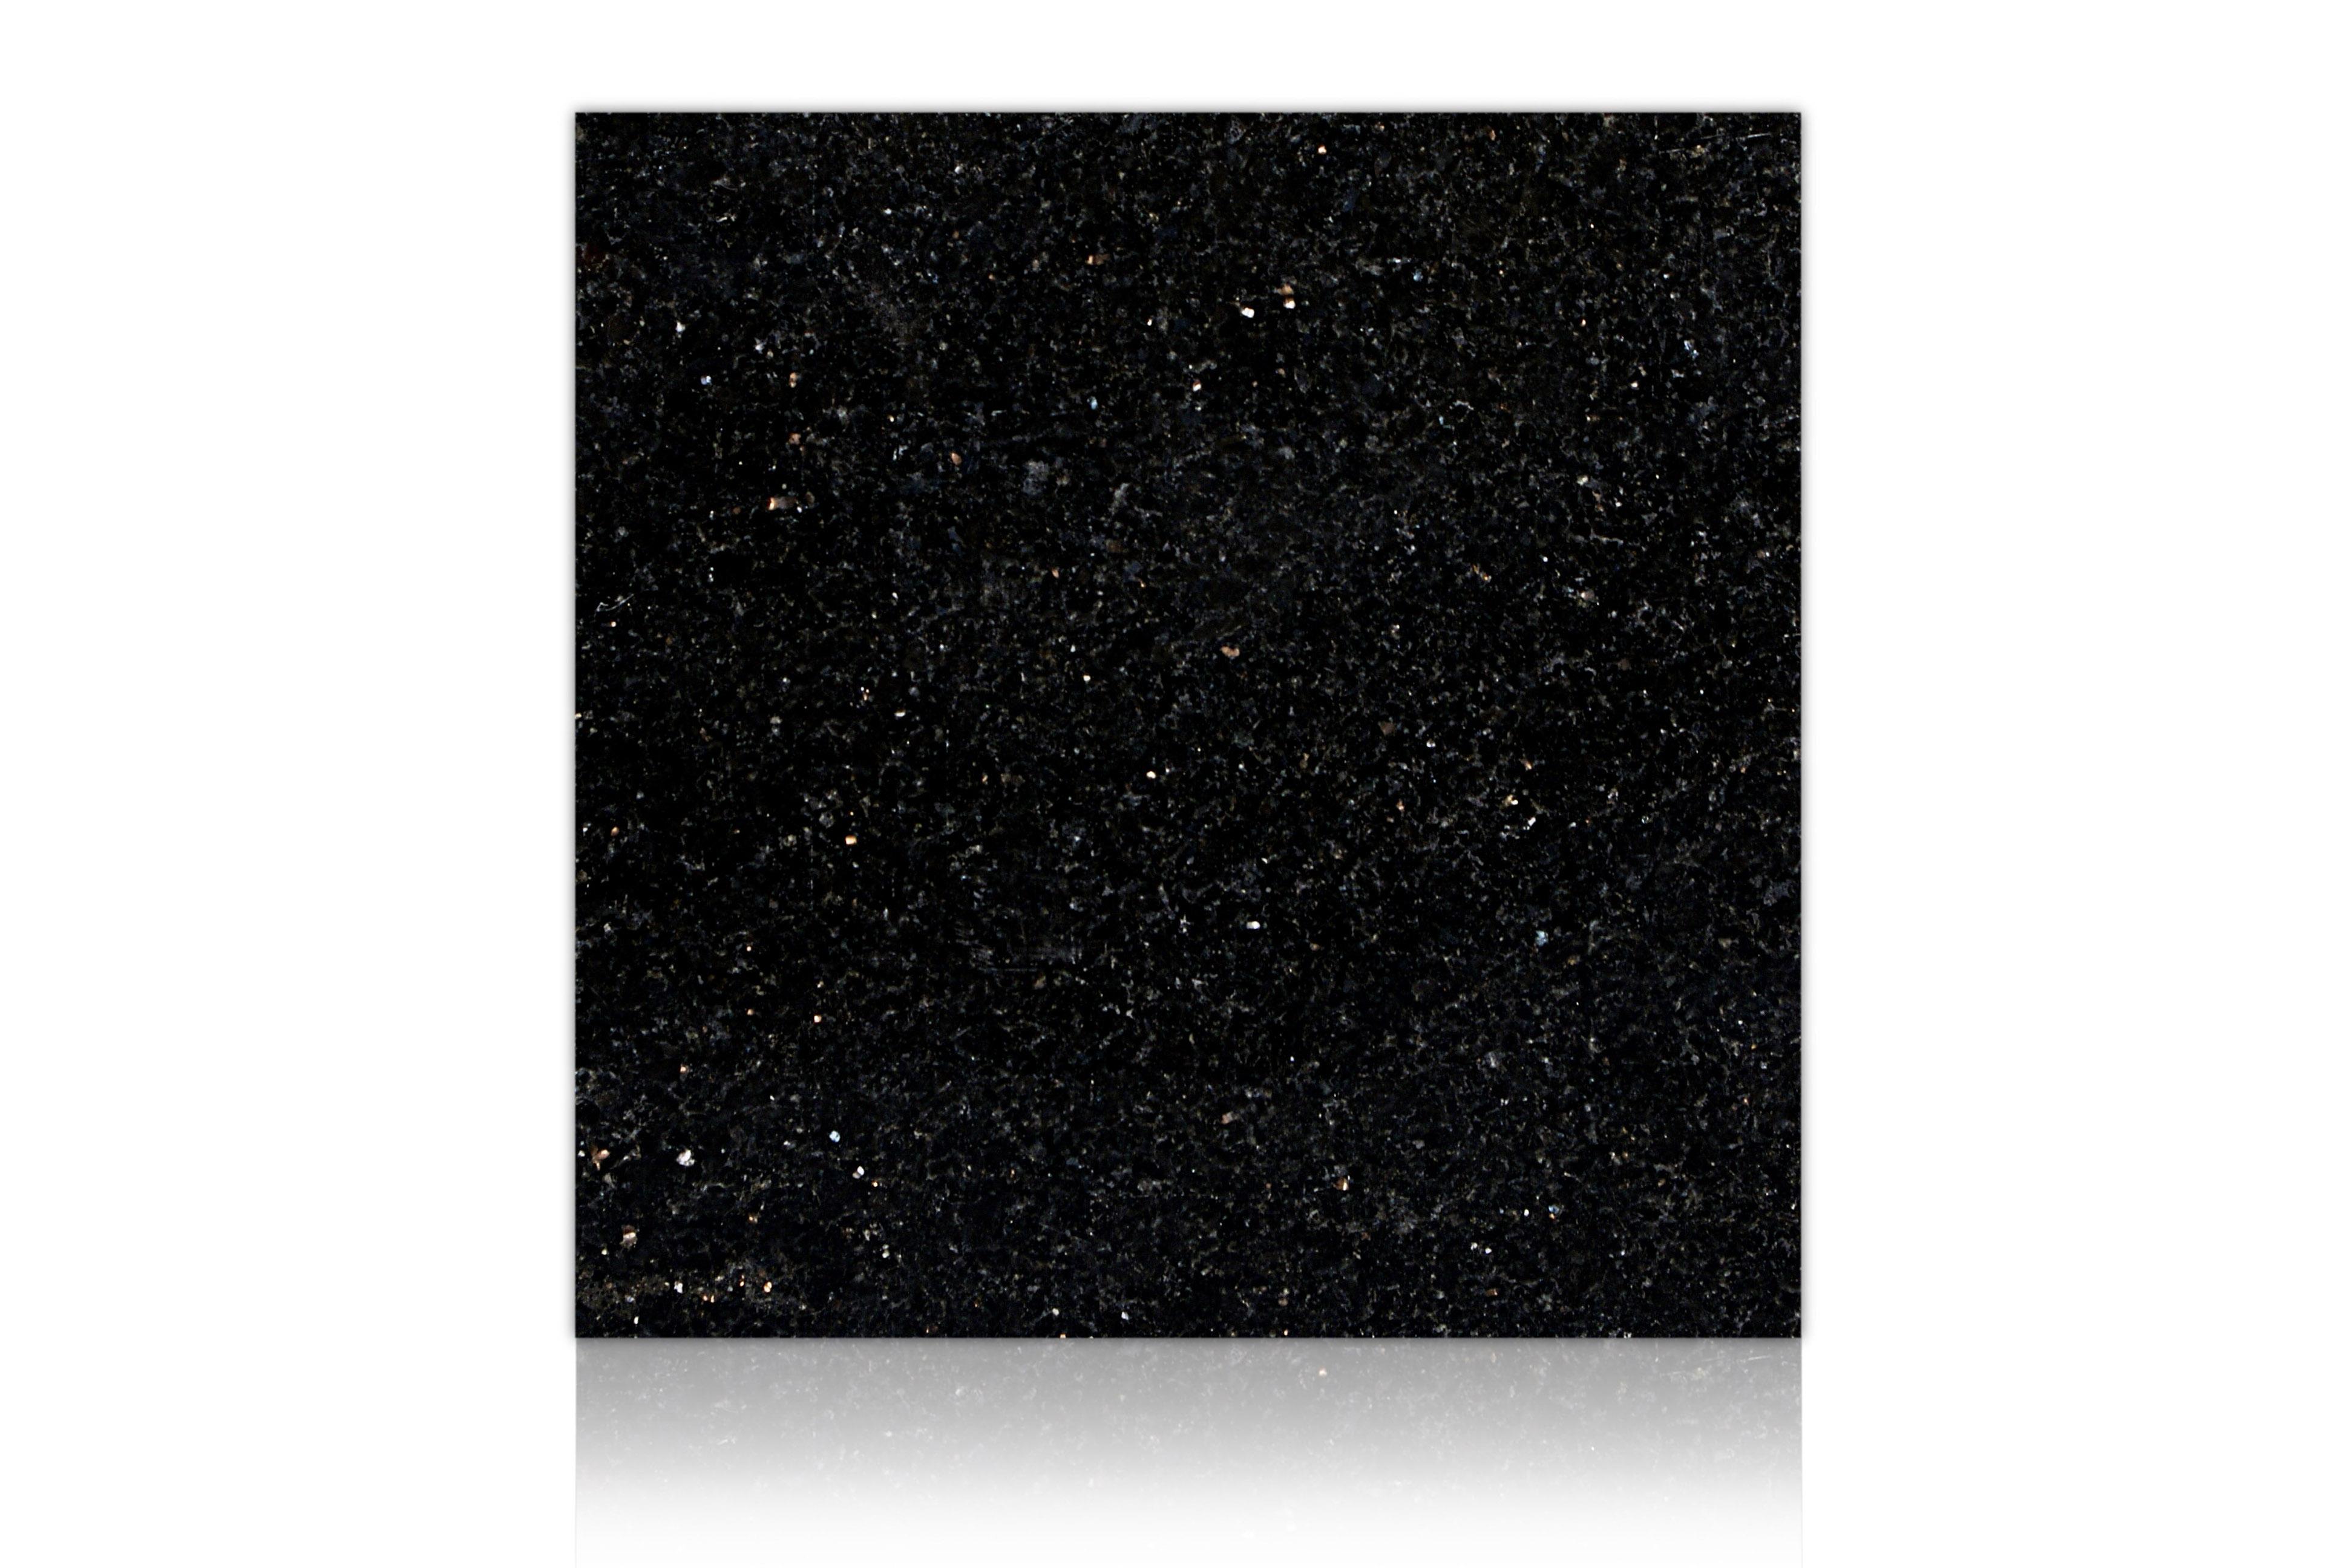 granit star galaxy kamie naturalny dekoracyjny kamie ogrodowy hurtownia kamienia opole. Black Bedroom Furniture Sets. Home Design Ideas